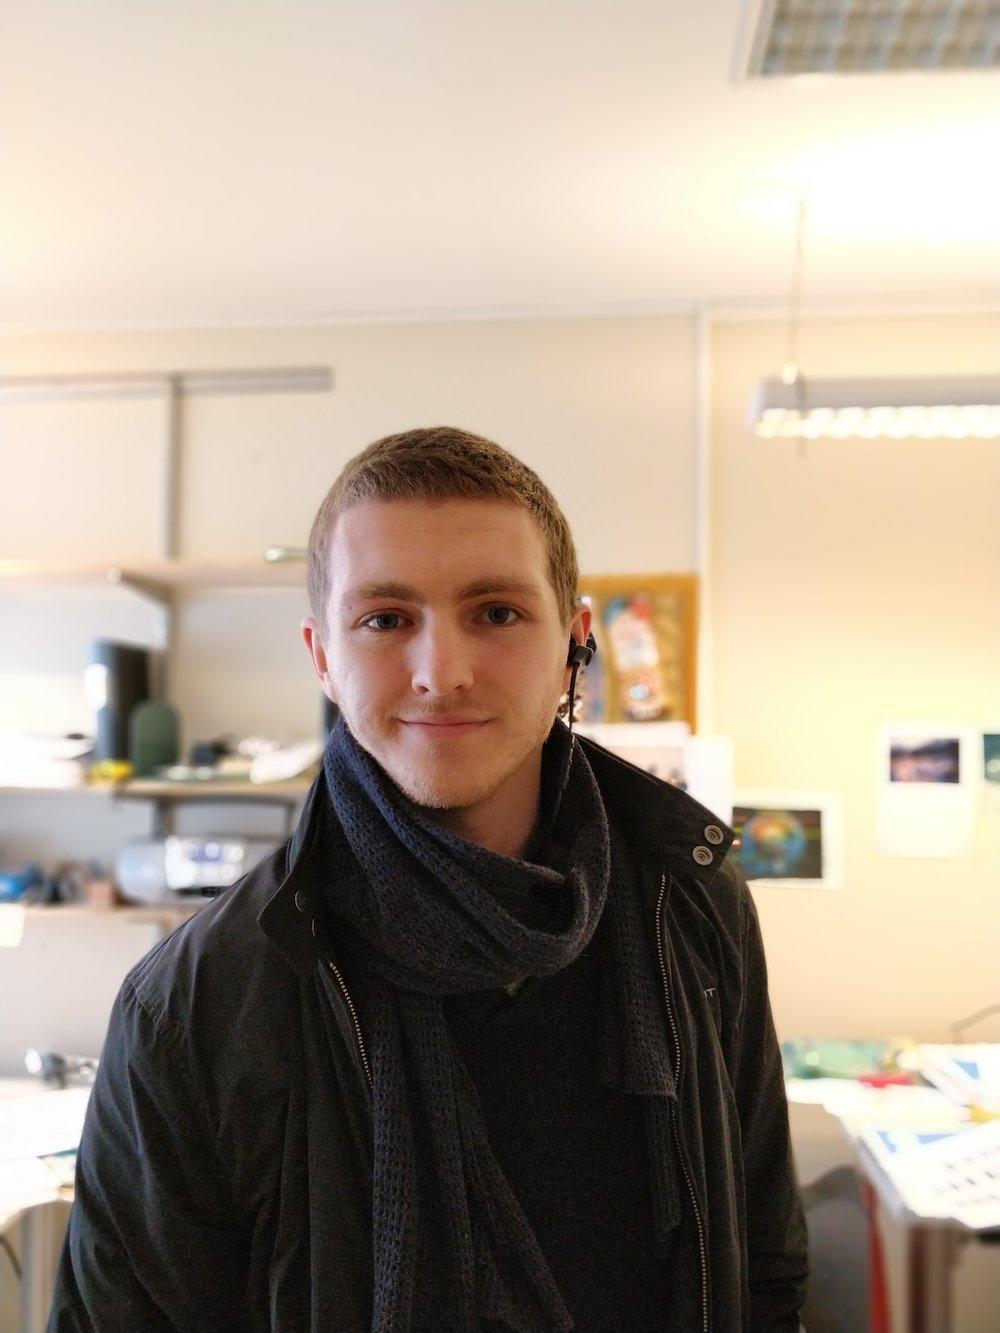 Vem är Jag? - Mitt namn är Andreas Bakken. Jag är norsk/svensk och skriver från Malmö. Jag antar att man kan beskriva mig som en överentusiastisk tekniknörd fokuserad på telefoner men även andra typer av